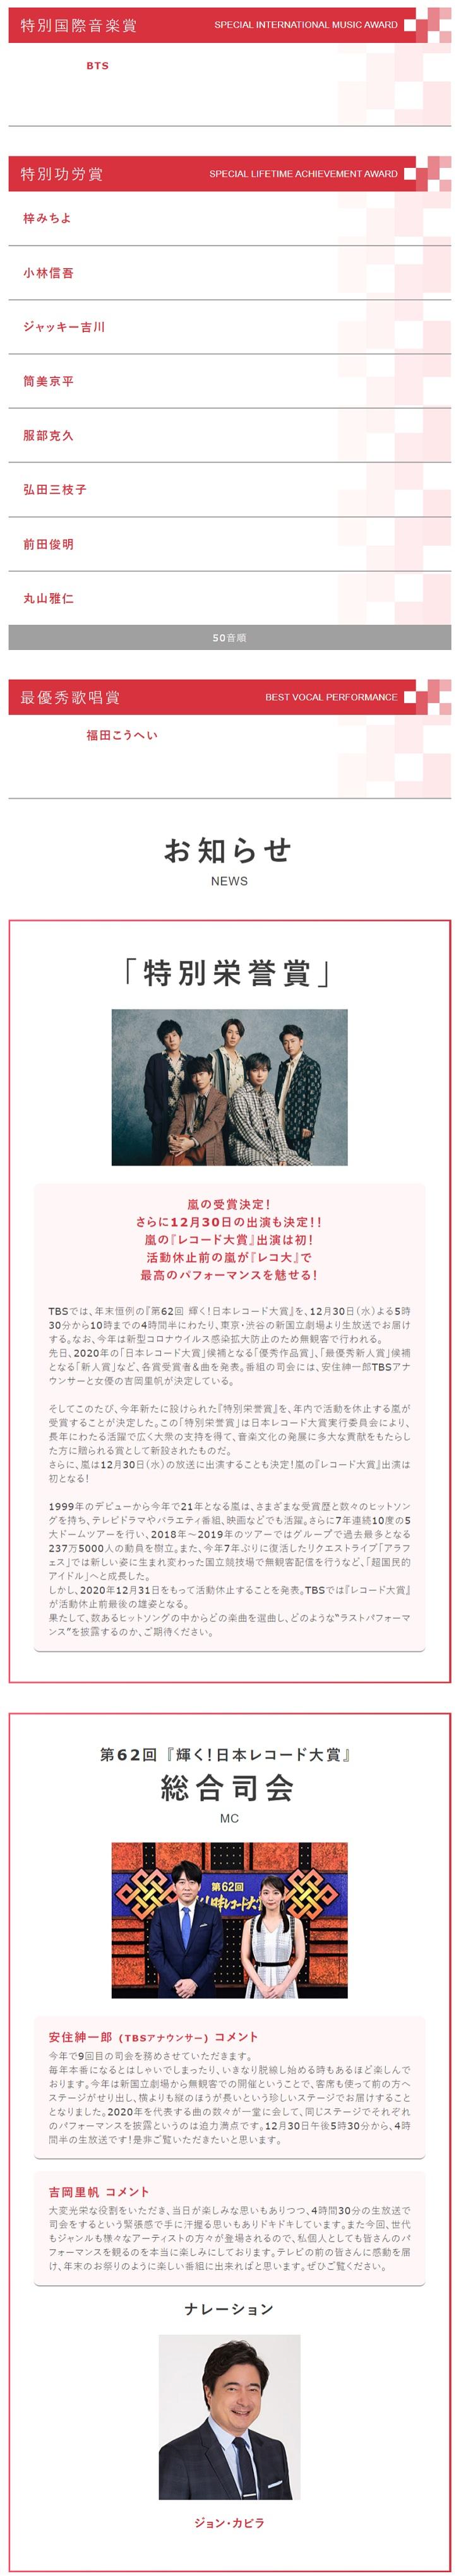 2020 日本唱片大獎直播線上看 Live & 歷年重播觀賞